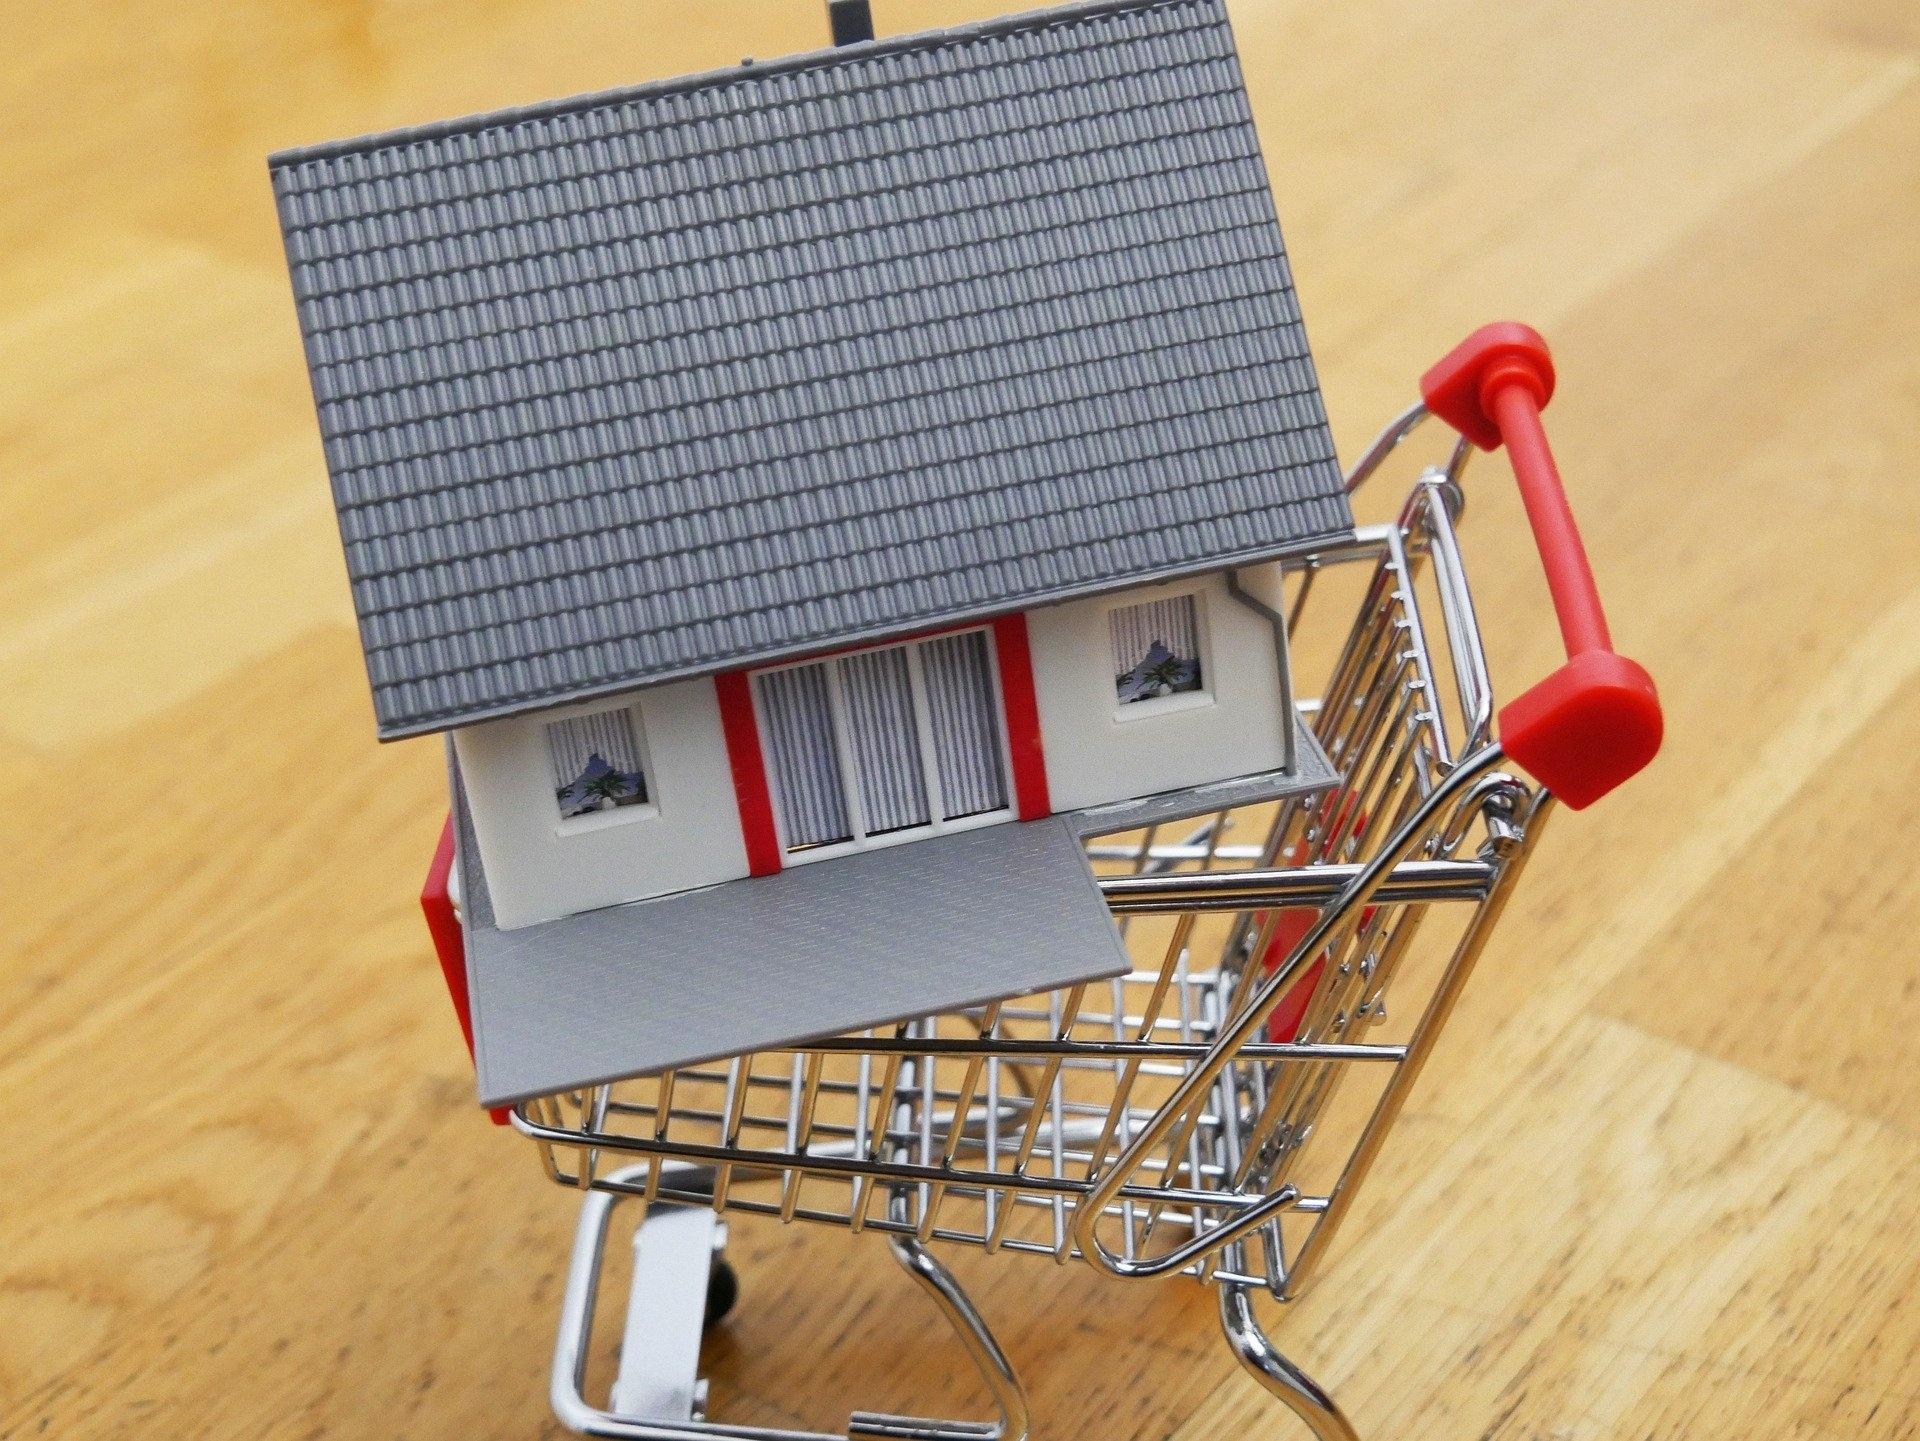 Um keinen Kaufpreisabschlag hinnemen zu müssen, verschweigen Hausverkäufer oft Mängel. Eine gute Rechtsschtzversicherung vergilft Dir zu Deinem Recht.